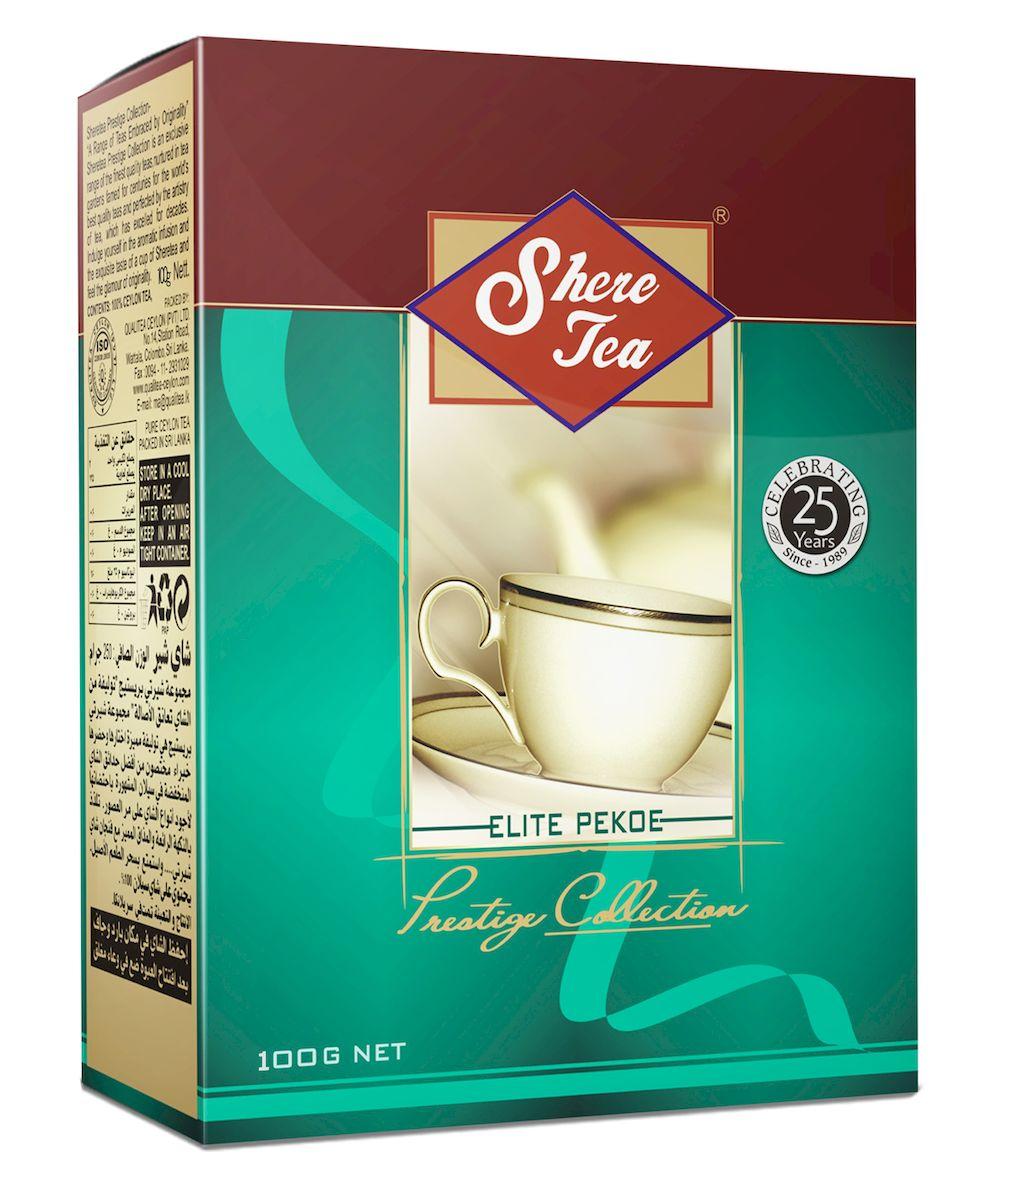 Shere Tea Престижная коллекция. PEKOE чай черный листовой, 100 г4791014000310Shere Tea Prestige Collection - это эксклюзивные сорта лучшего 100% цейлонского чая, выращенного в гористой местности на золотых плантациях, знаменитых более столетия. Вы получите наслаждение от аромата и особенного вкуса в каждой чашке чая Шери и прикоснетесь к очарованию его новизны.Чай Шери Престижная коллекция изготовлен из крупного листа стандарта РЕКОЕ. Этот чай состоит из более коротких и более взрослых, чем OP листьев. В сбор идут, как правило, вторые от почки листья. Поэтому в этом чае меньше содержание кофеина, чем в ОР, но зато он имеет более выраженную горчинку во вкусе, что нравится многим любителям чая. Чем более взрослый лист, тем в нем больше танина и дубильных веществ, которые и дают эту самую горчинку. Чай имеет яркий, прозрачный, интенсивный, настой. Аромат чая полный, приятный, выражен достаточно ярко.